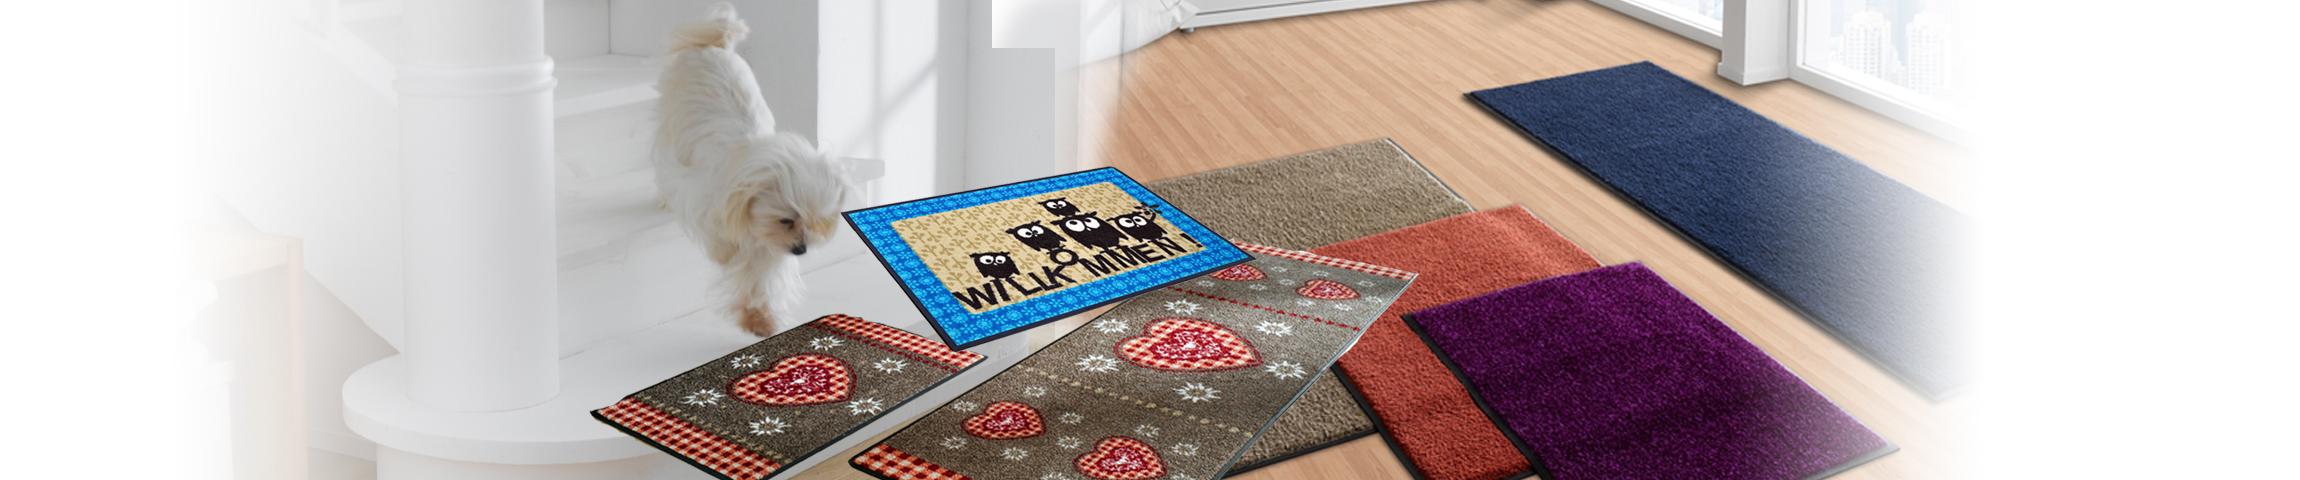 Für Ihren großen Auftritt - Teppiche, Abtreter und Läufer...